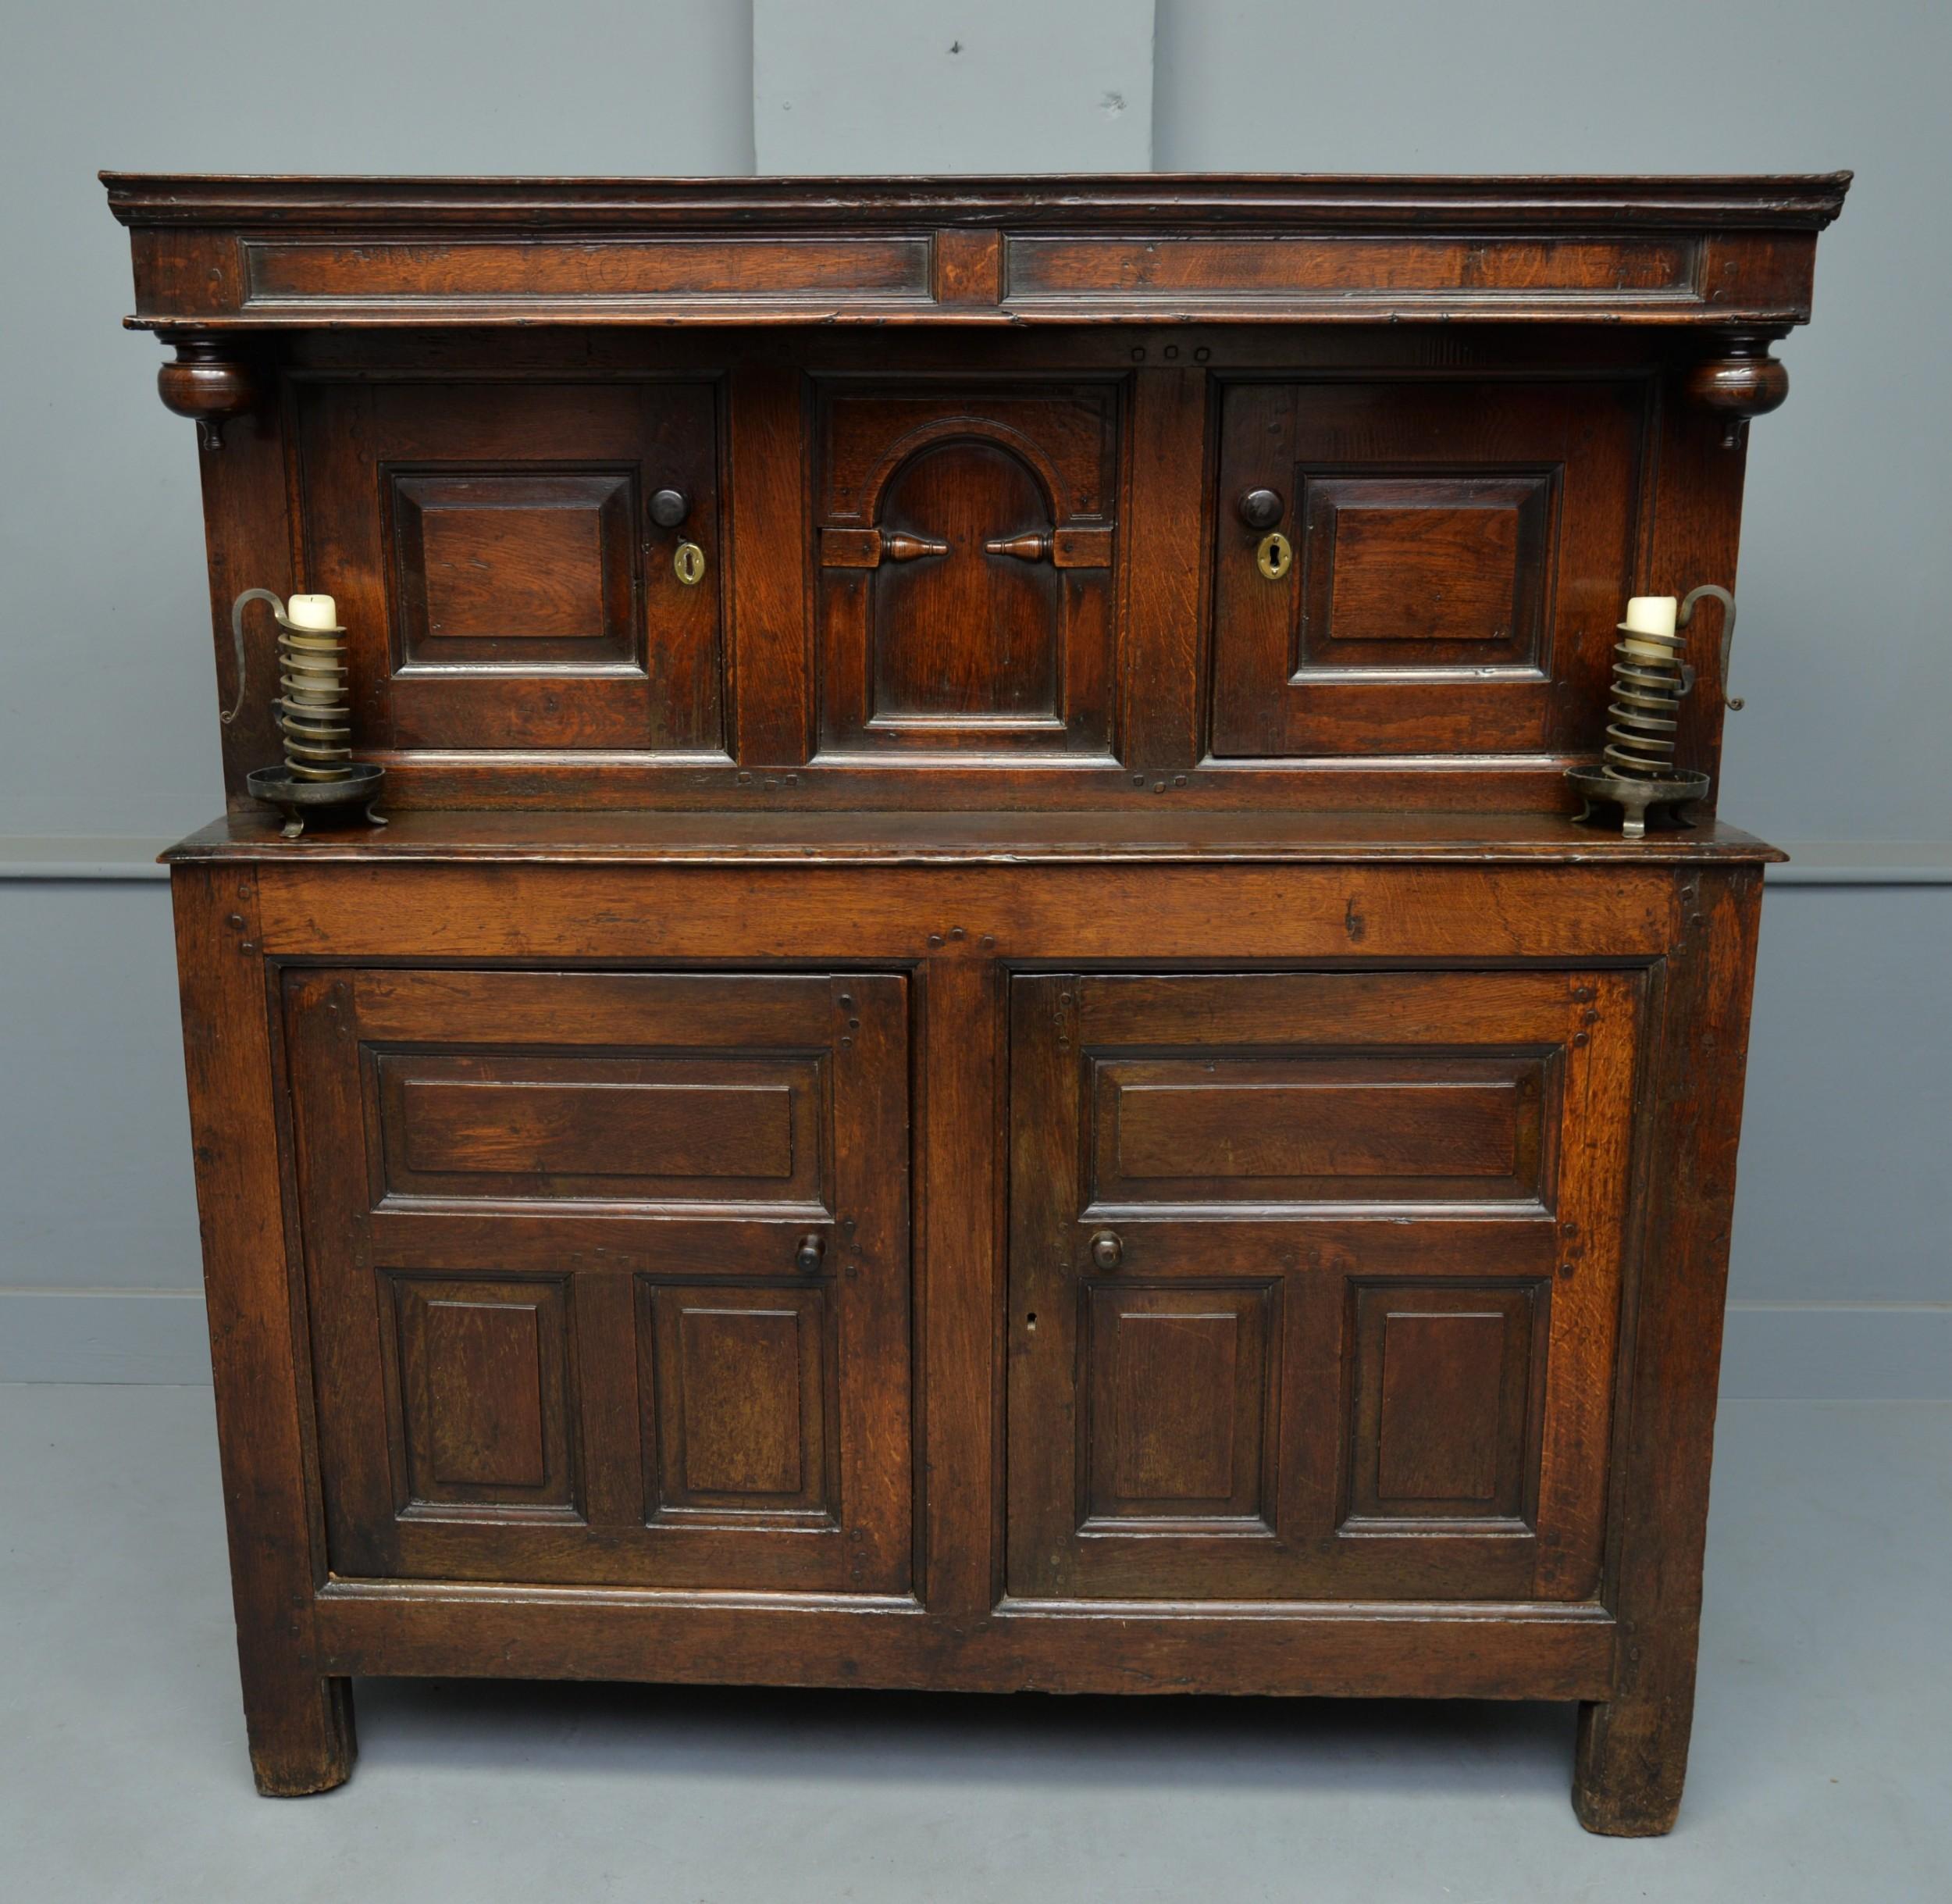 small early 18th century oak cwpwrdd deuddarn or two part cupboard